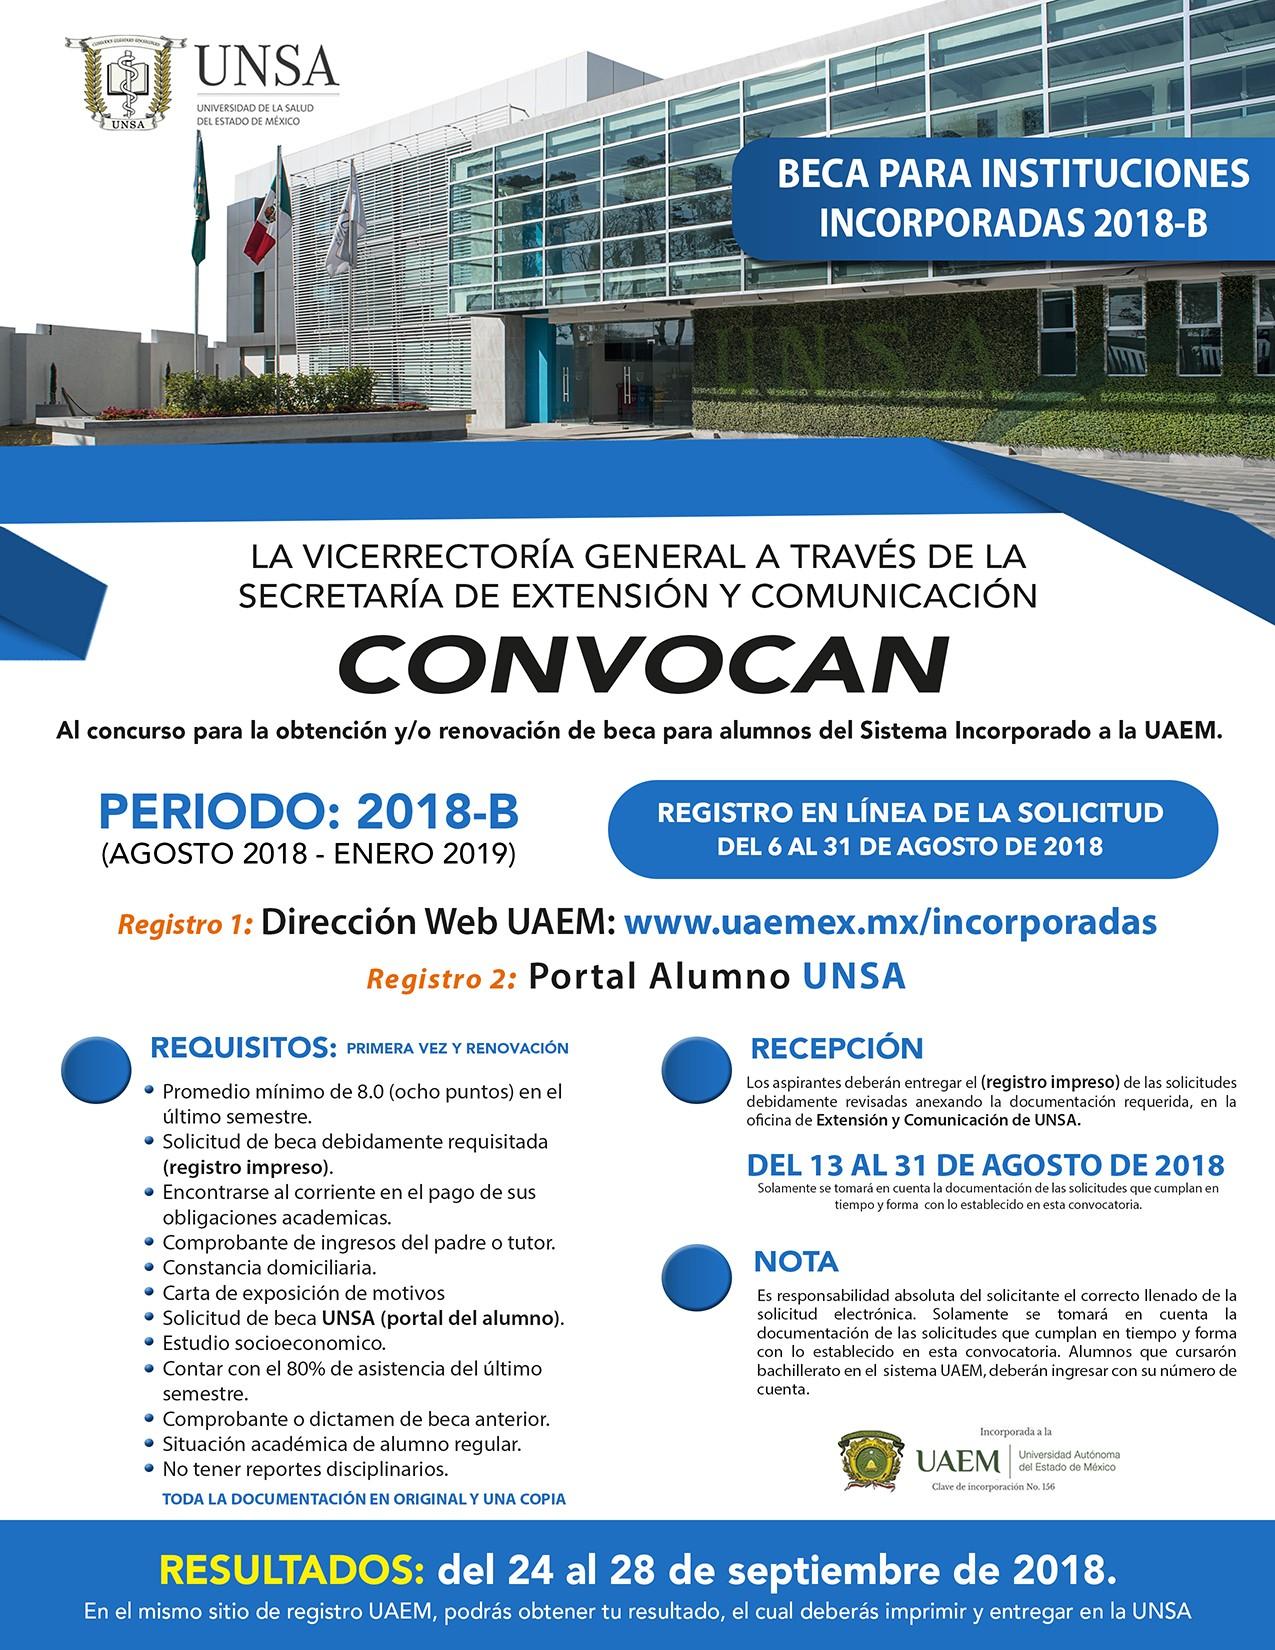 UNSA - Convocatoria Becas 2018 - B